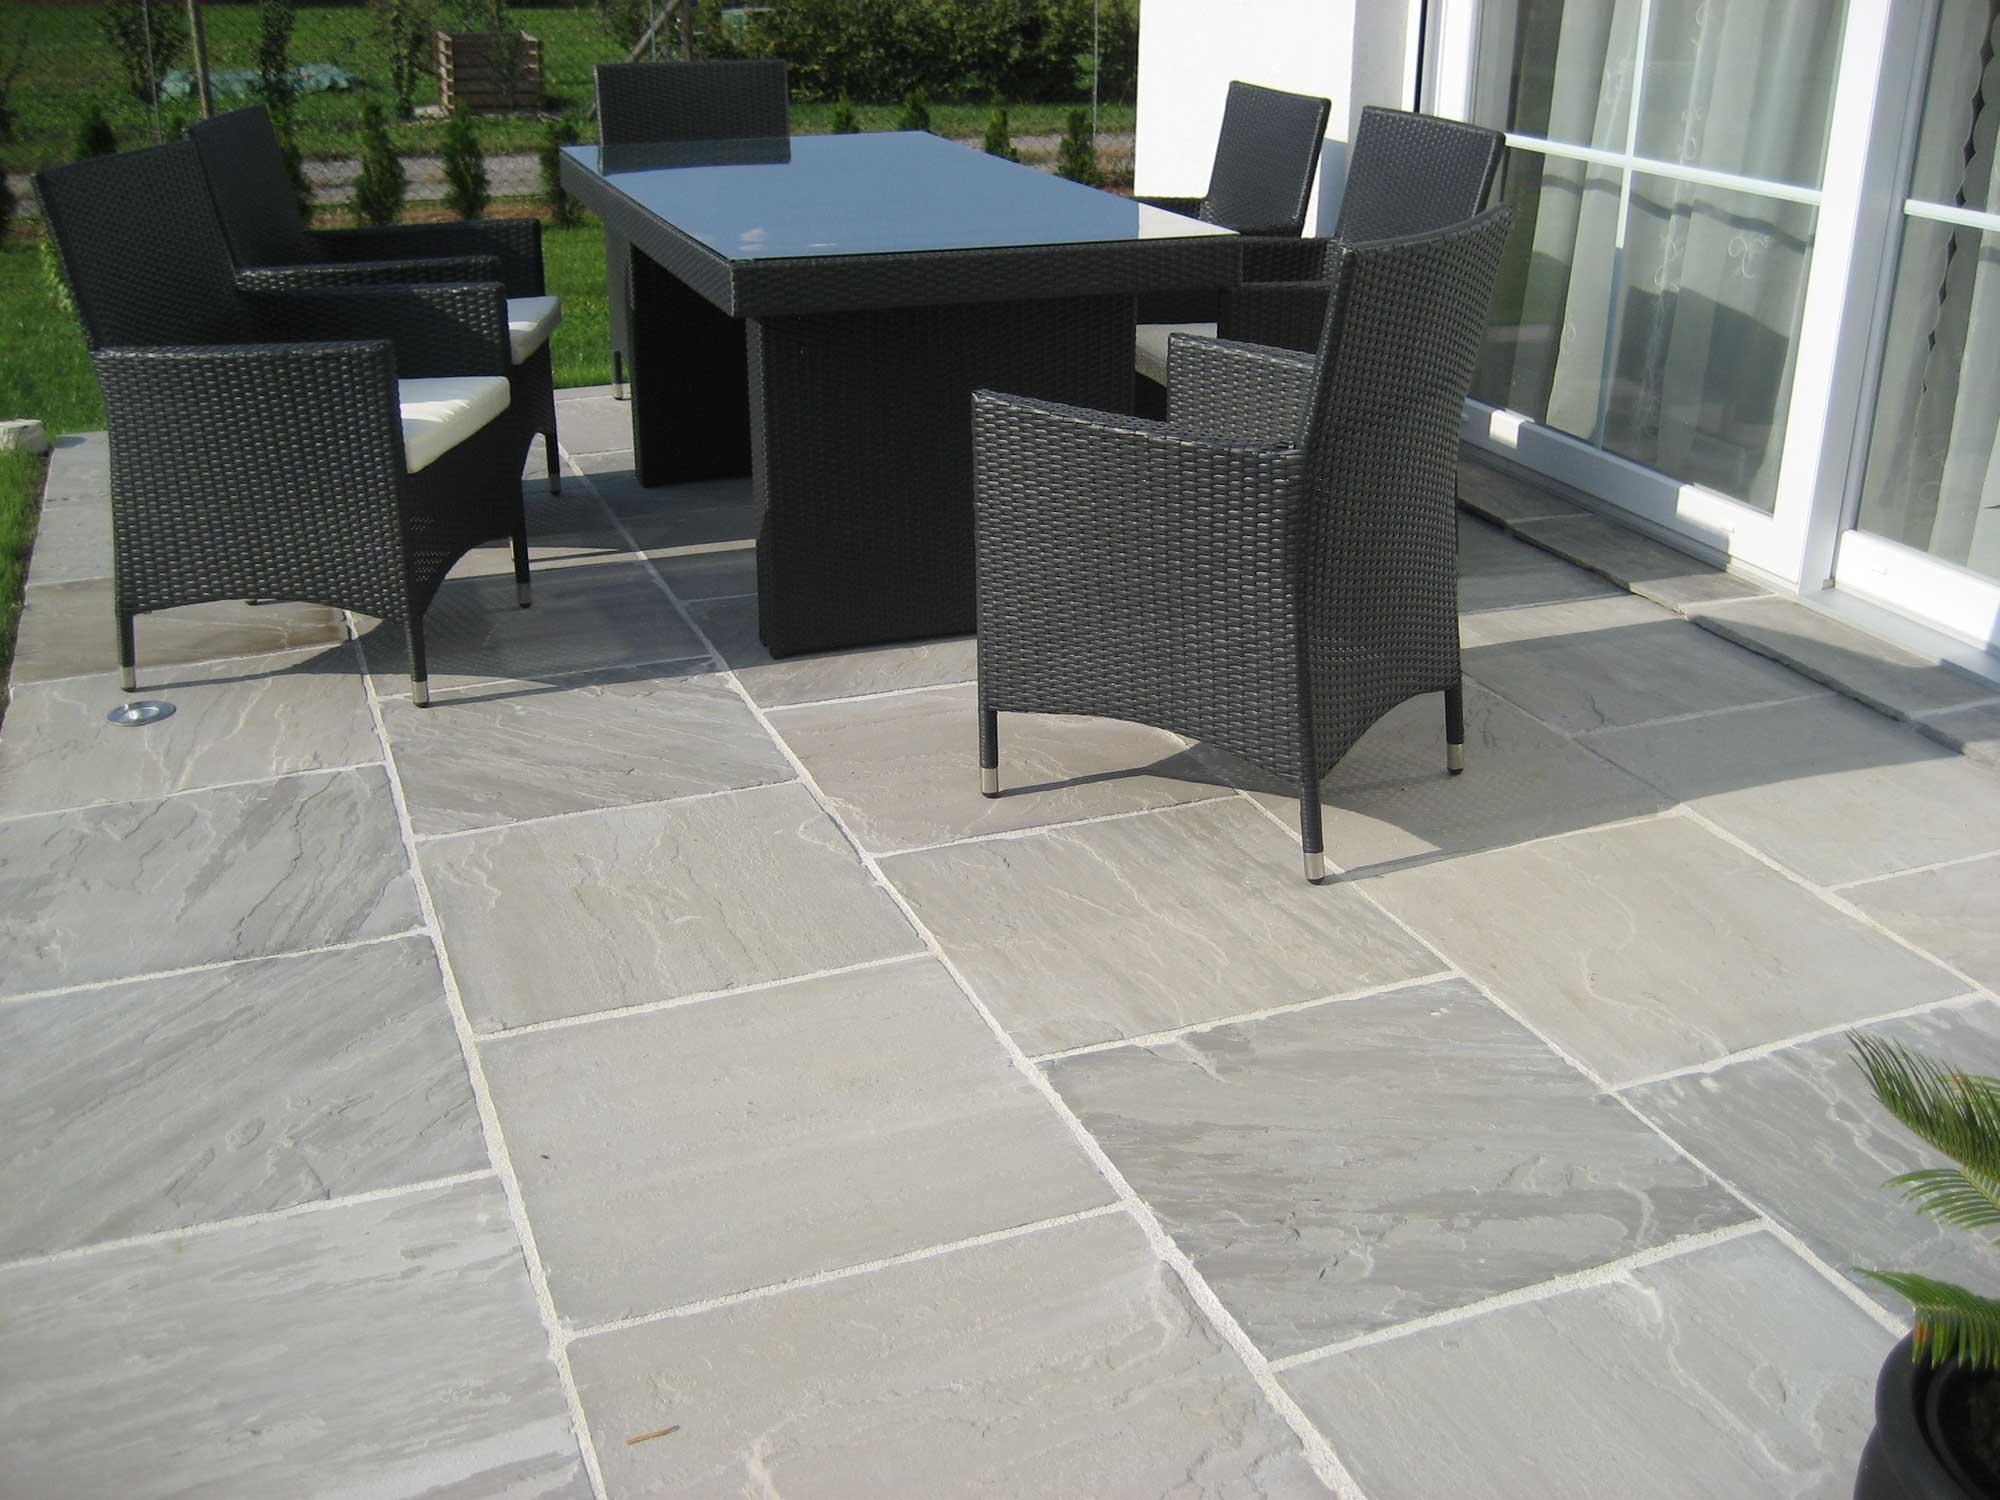 600 msp m2 light grey 22 mm calibrated sandstone. Black Bedroom Furniture Sets. Home Design Ideas